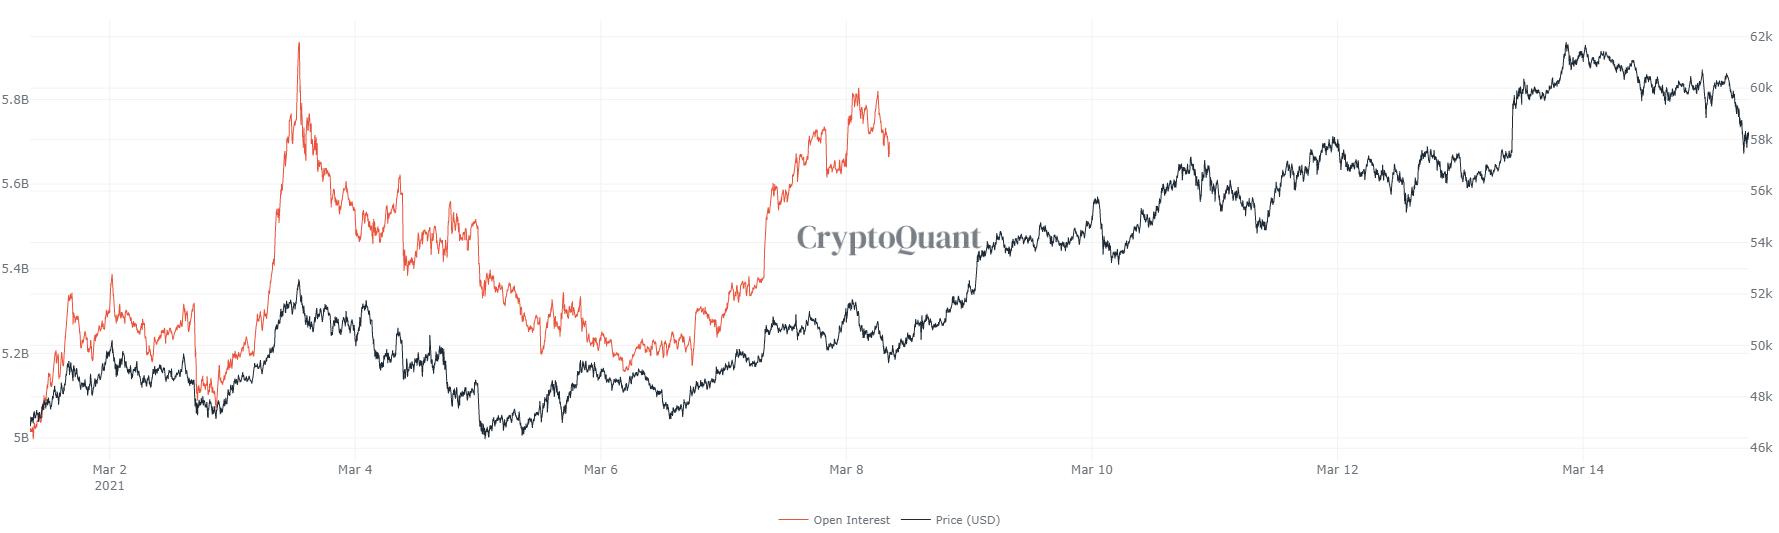 Bitcoin pierde $59,000 | Unde găsește prețul support?